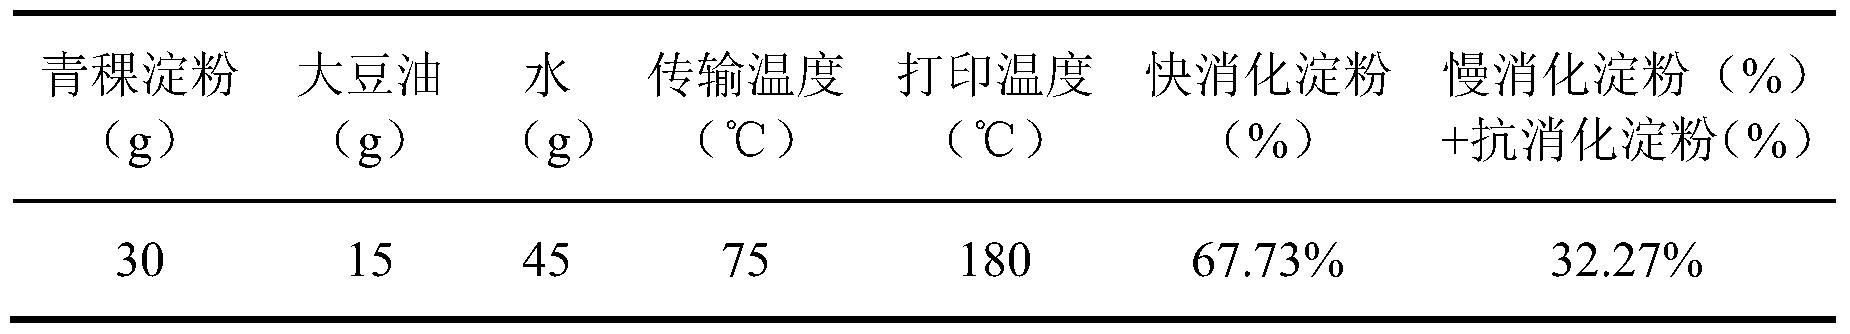 Figure PCTCN2017112099-appb-000004